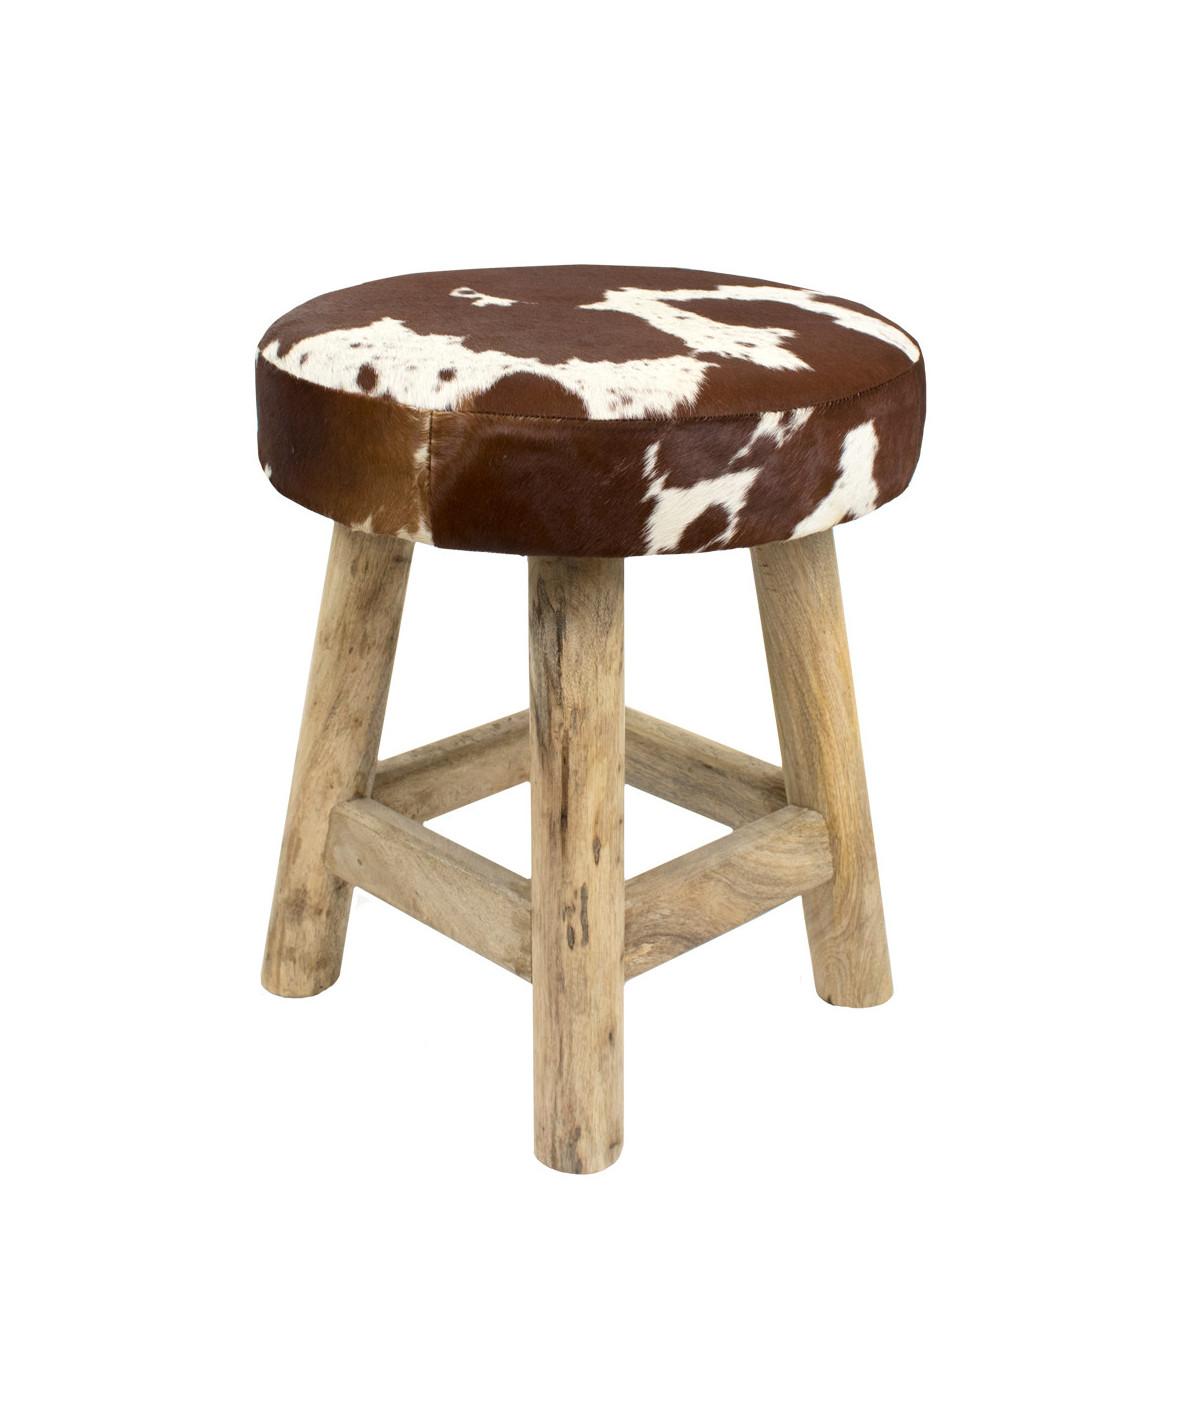 Tabouret rond en bois et peau naturelle 40xH45cm | Yesdeko